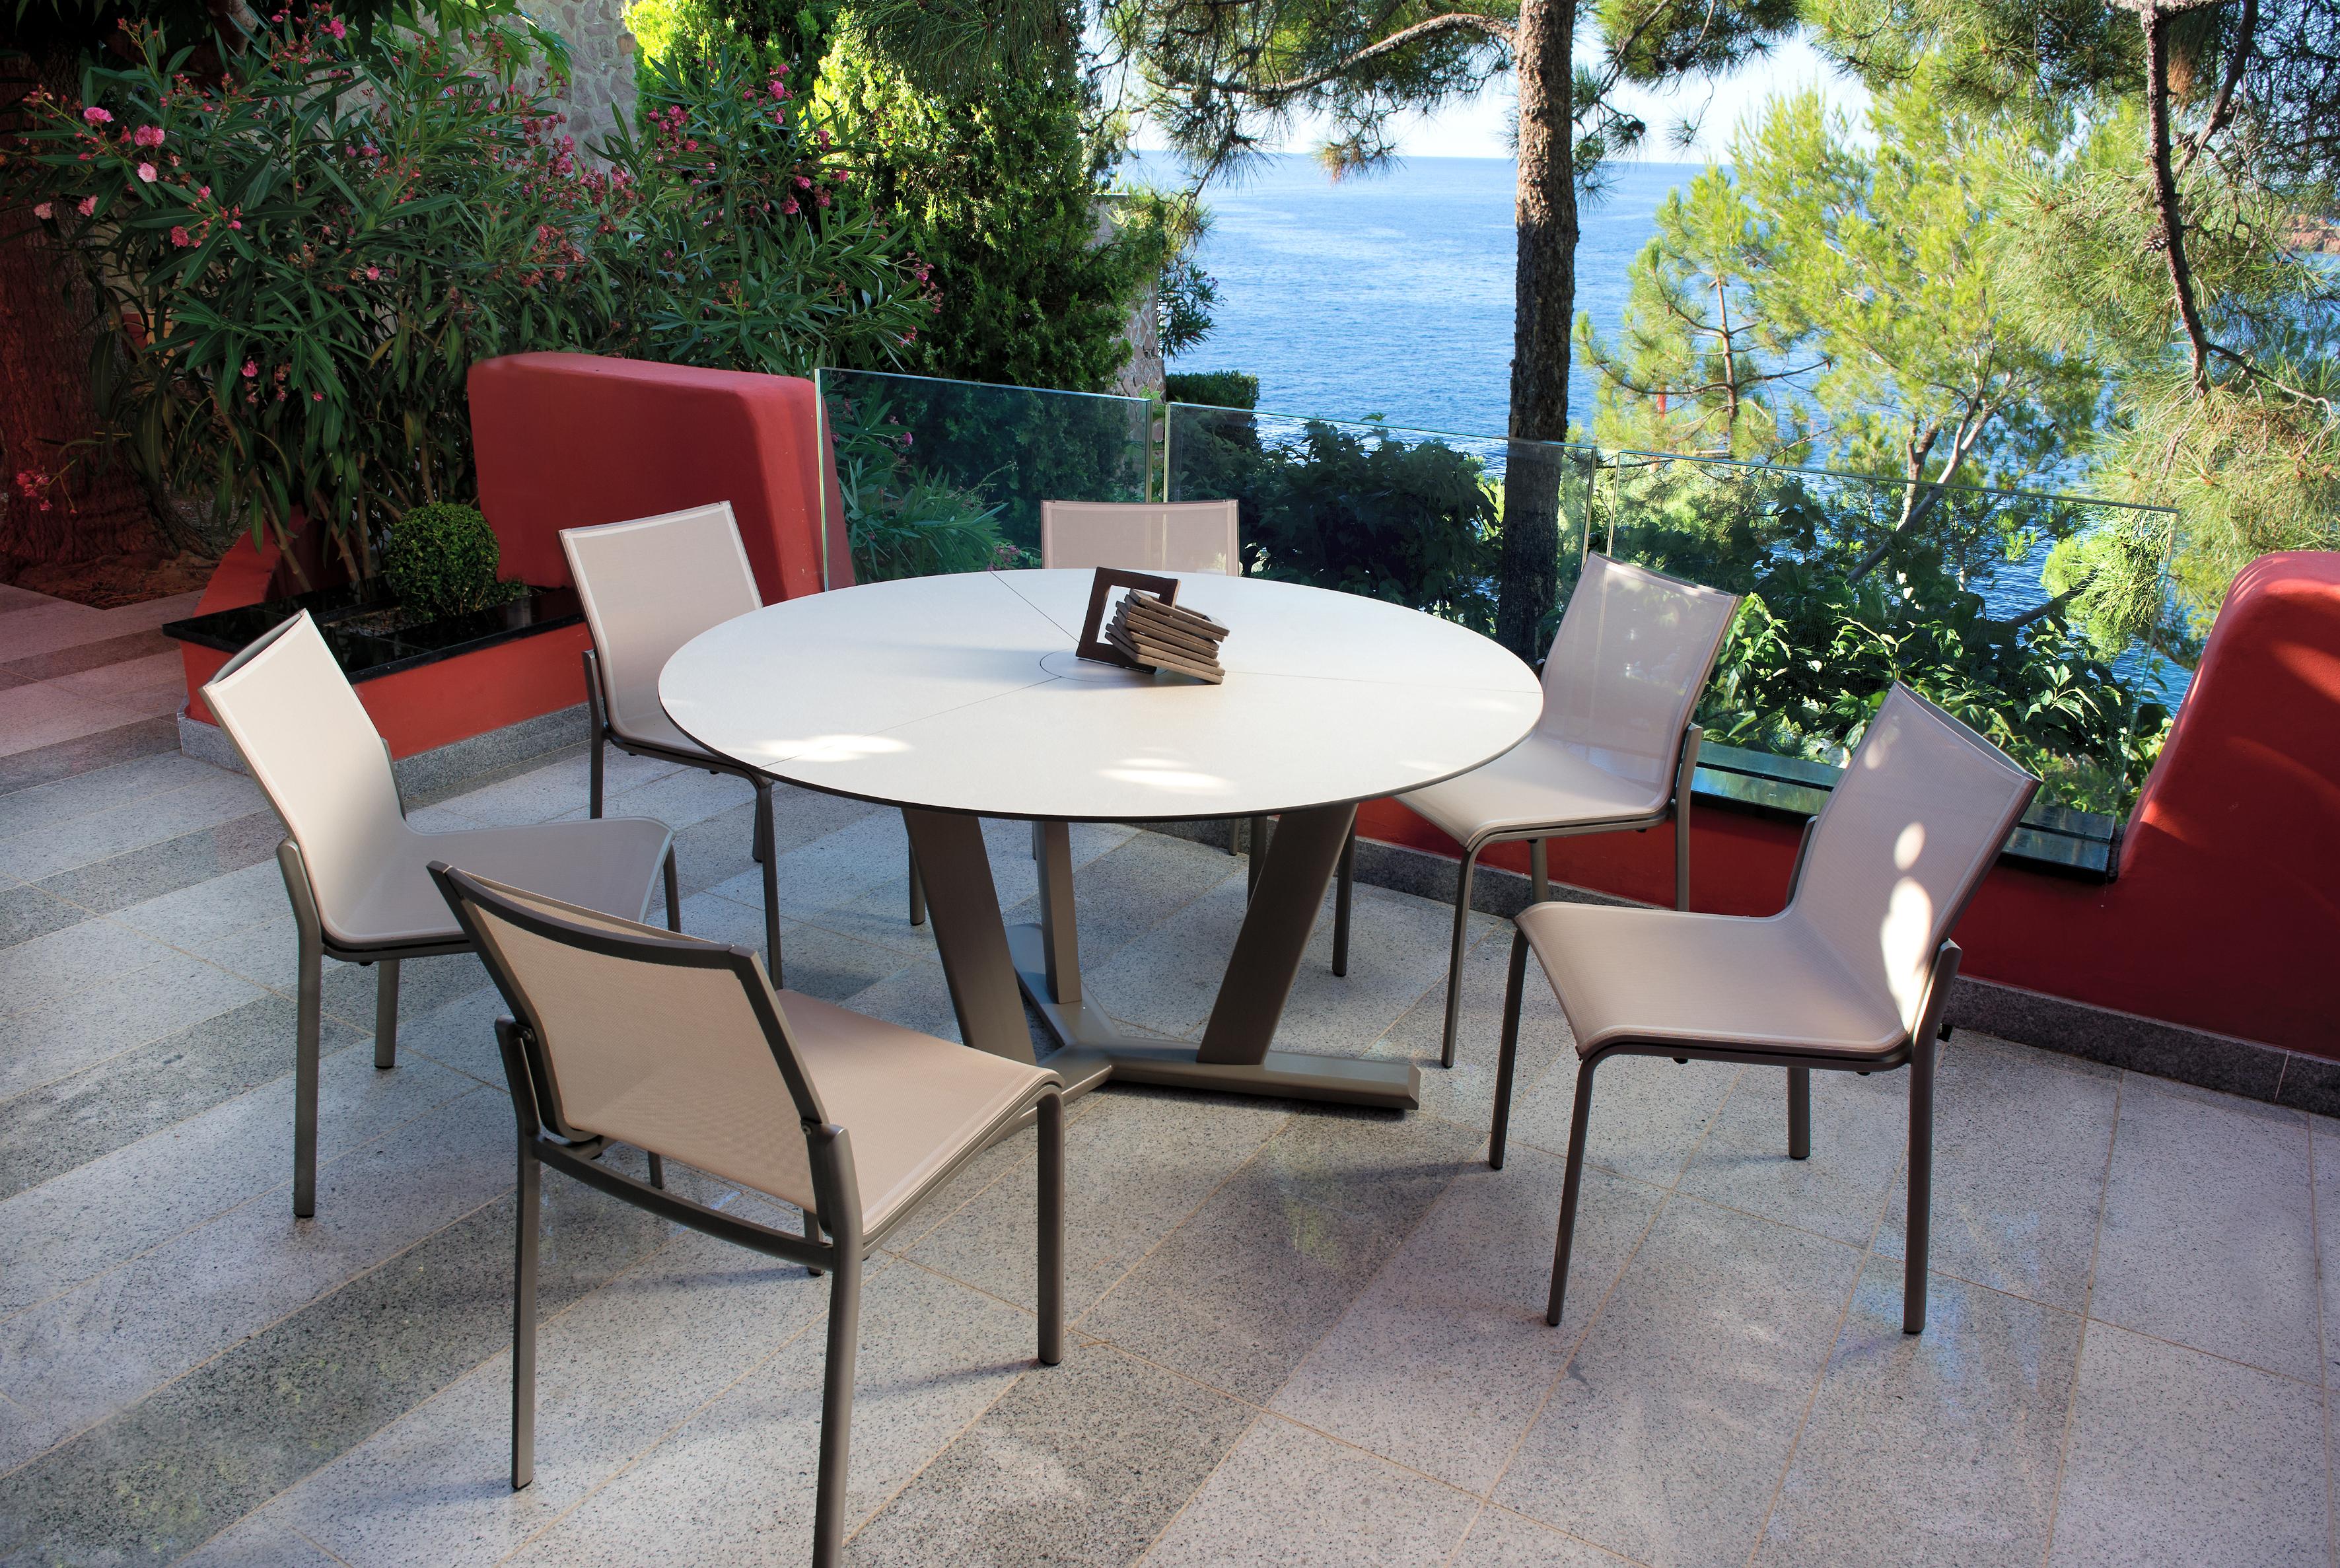 Les Jardins Hegoa Dining Table